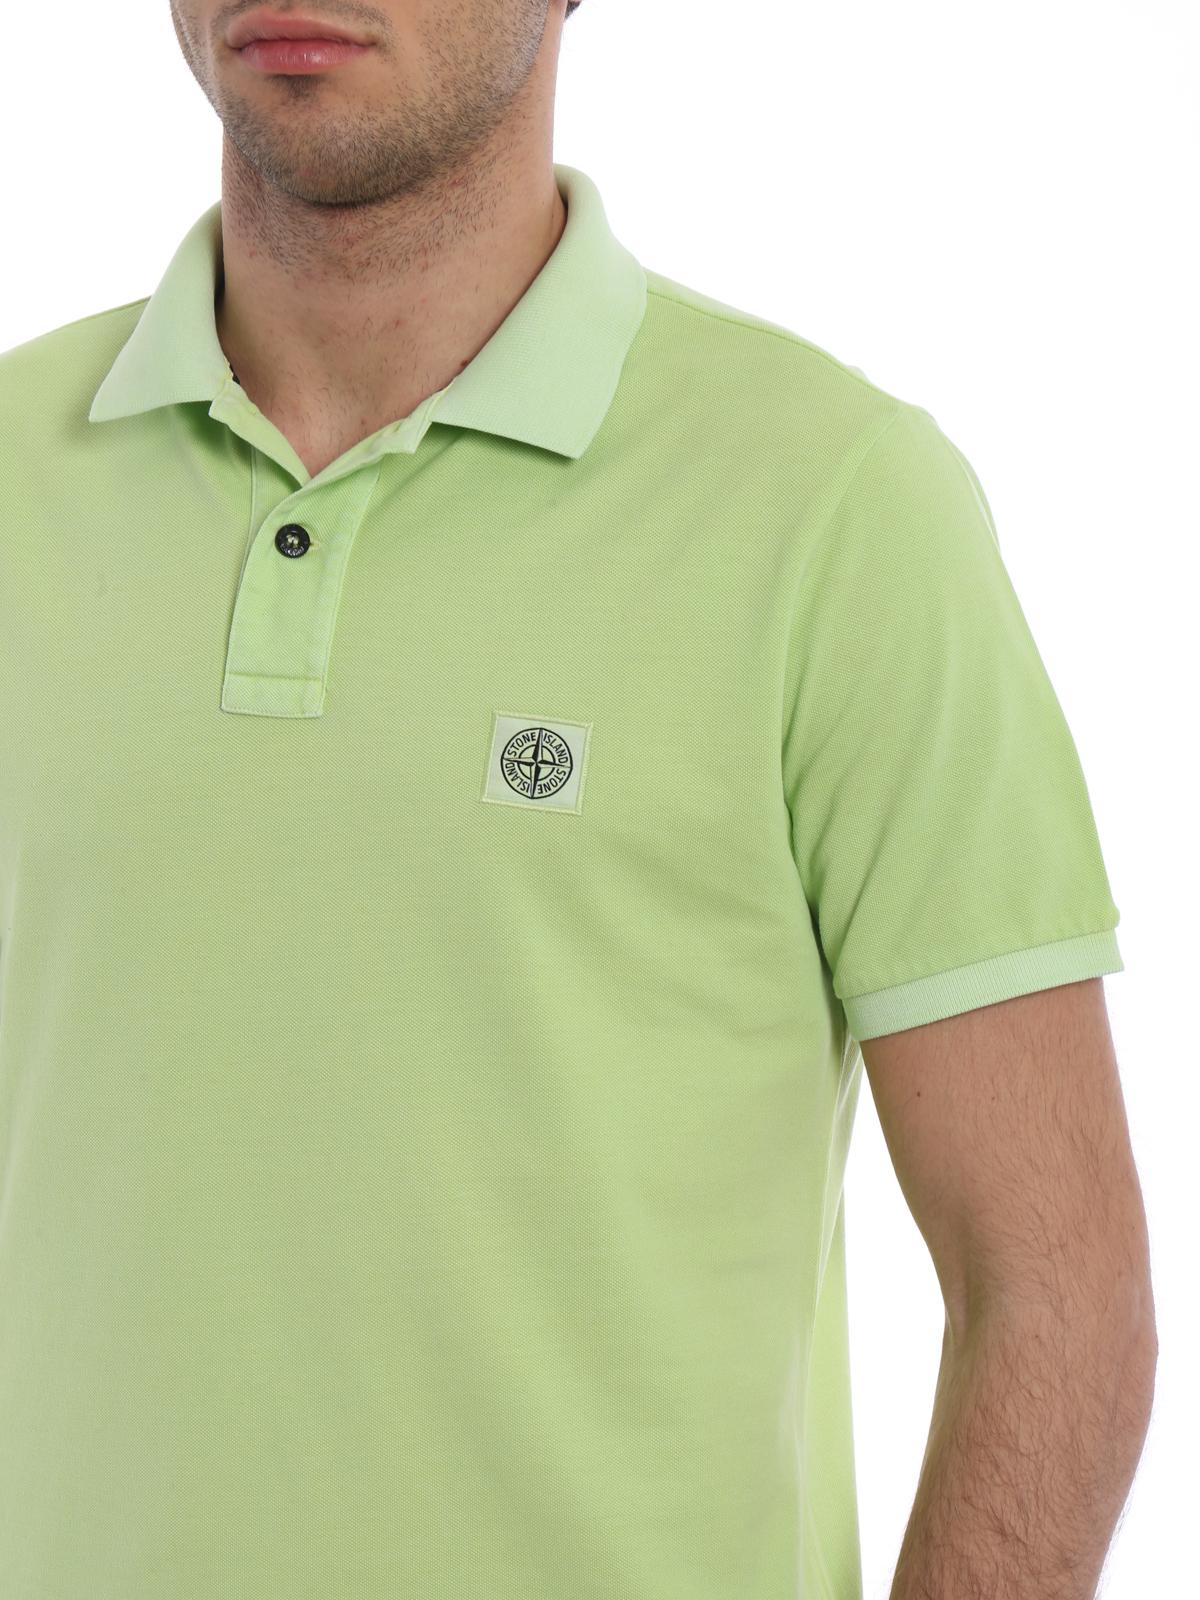 ab7cc415c13 Stone Island - Light green slim fit polo shirt - polo shirts ...